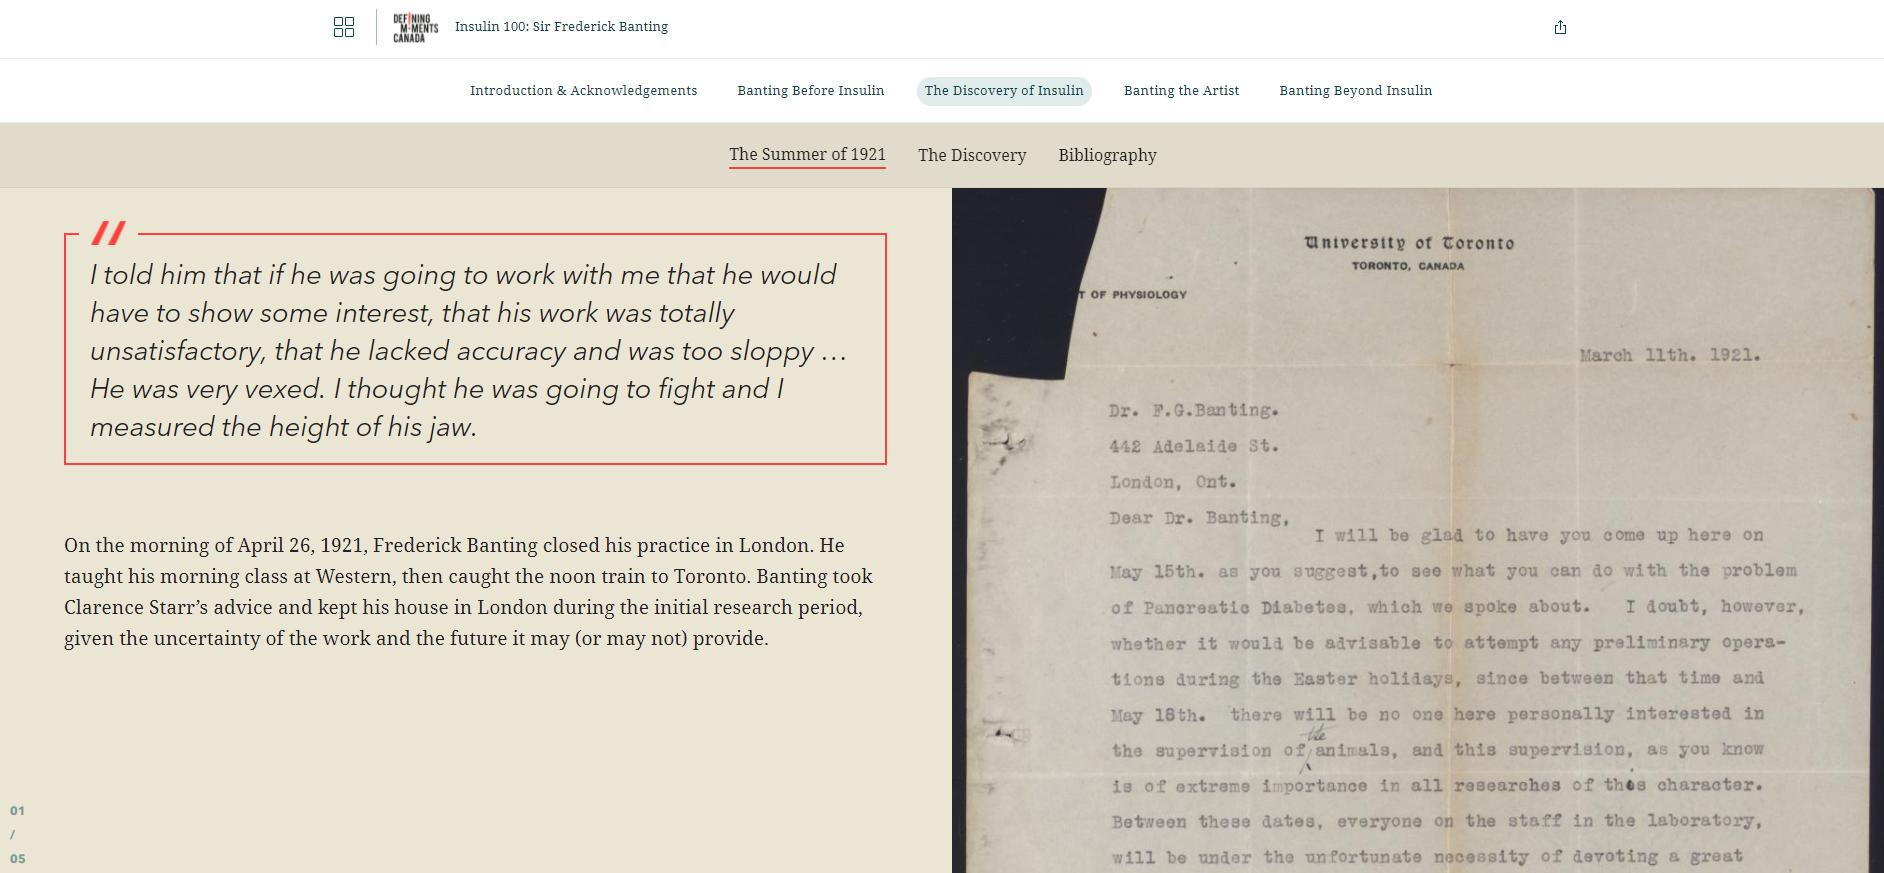 Cette capture d'écran d'un récit ArcGIS StoryMaps intitulé « La découverte de l'insuline » montre une partie d'un bloc de citations utilisé dans l'histoire, qui illustre les sentiments et les émotions du Dr Banting lorsqu'il a été contraint d'adresser une sévère réprimande à Charles Best au sujet de ses performances professionnelles.